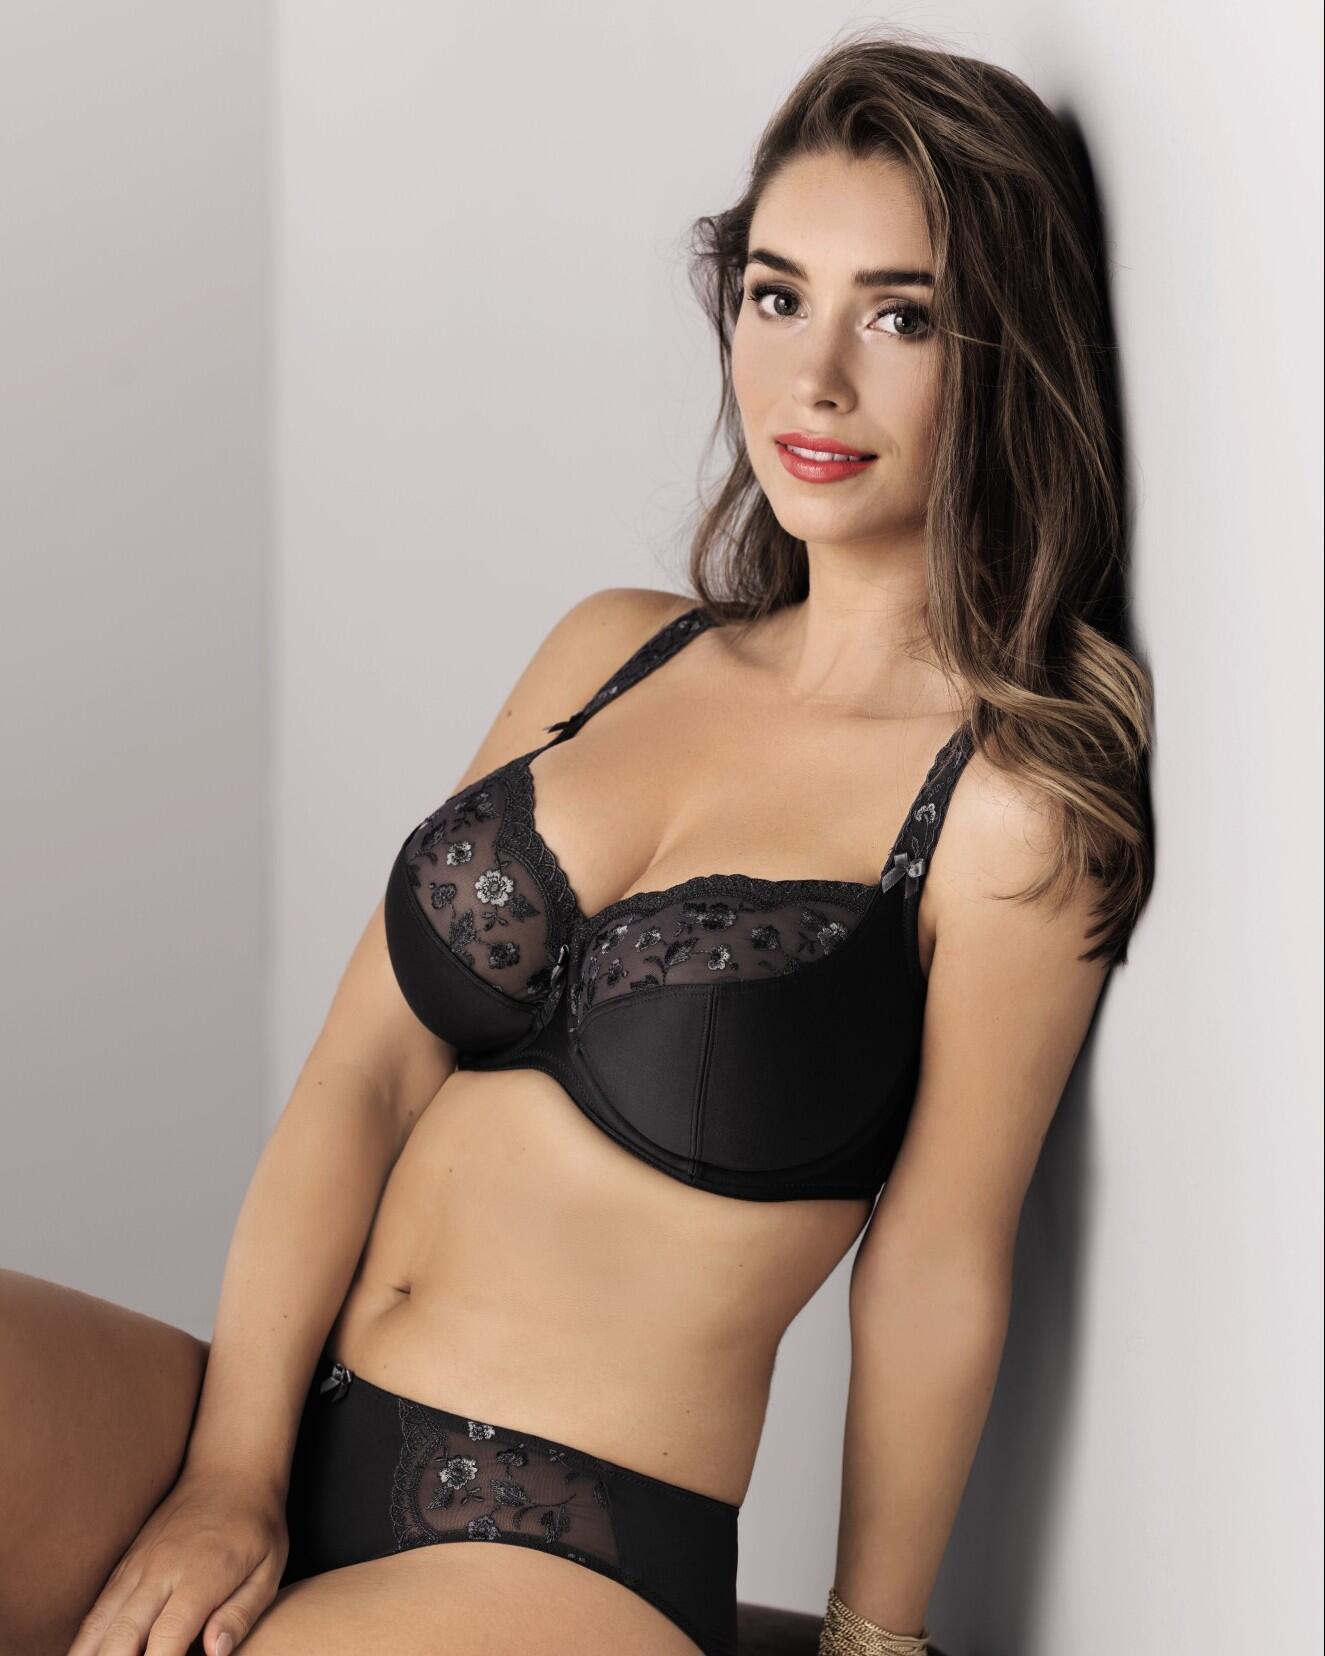 acheter Anita la lingerie de sport confort et maternité de qualité ... ad8173a00bc